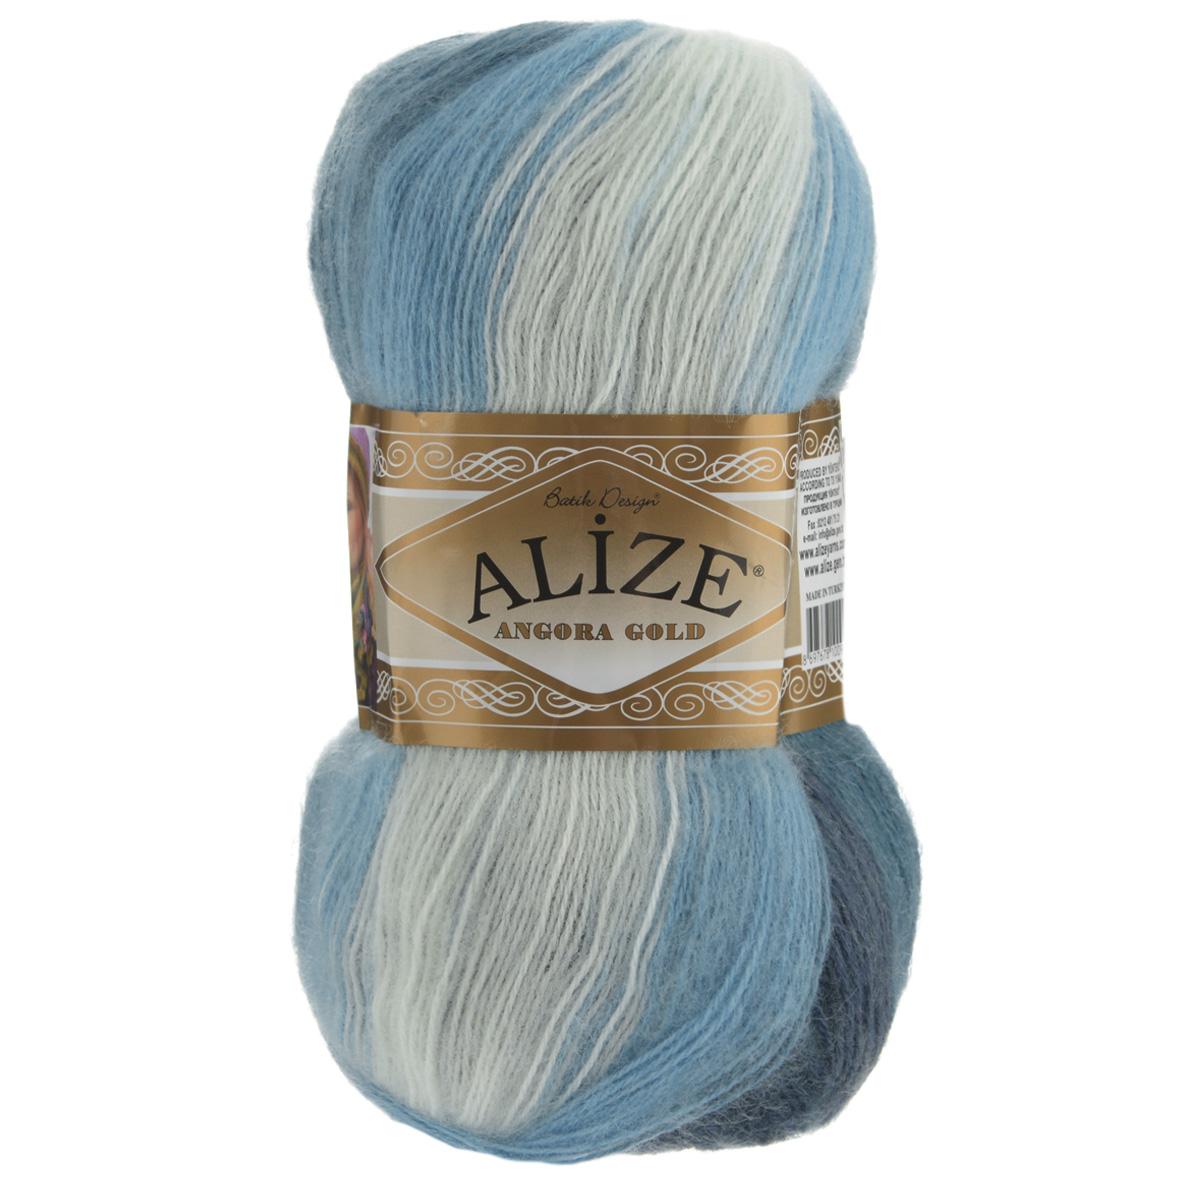 Пряжа для вязания Alize Angora Gold Batik, цвет: белый, темно-синий, синий (1899), 550 м, 100 г, 5 шт364112_1899Пряжа для вязания Alize Angora Gold Batik изготовлена из акрила, мохера и шерсти, что способствует прекрасному тепловому обмену, легкости и комфорту. Меланжевая ниточка тонкая, пушистая. Из данной пряжи получаются вещи, которые не требуют ни украшений, ни дополнений. Пряжа допускает самую простую и примитивную вязку, но при этом смотрится необычно благодаря своей цветовой палитре. В ее состав входит акрил, что позволяет стирать ваши изделия в стиральной машине (на деликатной стирке) и они не потеряют свою первоначальную форму. Классическая зимняя пряжа секционного крашения для вязания теплых пушистых вещей. Пряжа отлично подходит для вязания свитеров, жилетов, шарфов, шапок, шалей и пр. Рекомендуется ручная стирка. Рекомендованные спицы № 3-6, крючок № 2-4. С такой пряжей для ручного вязания вы сможете связать своими руками необычные и красивые вещи. Состав: 80% акрил, 10% шерсть, 10% мохер.